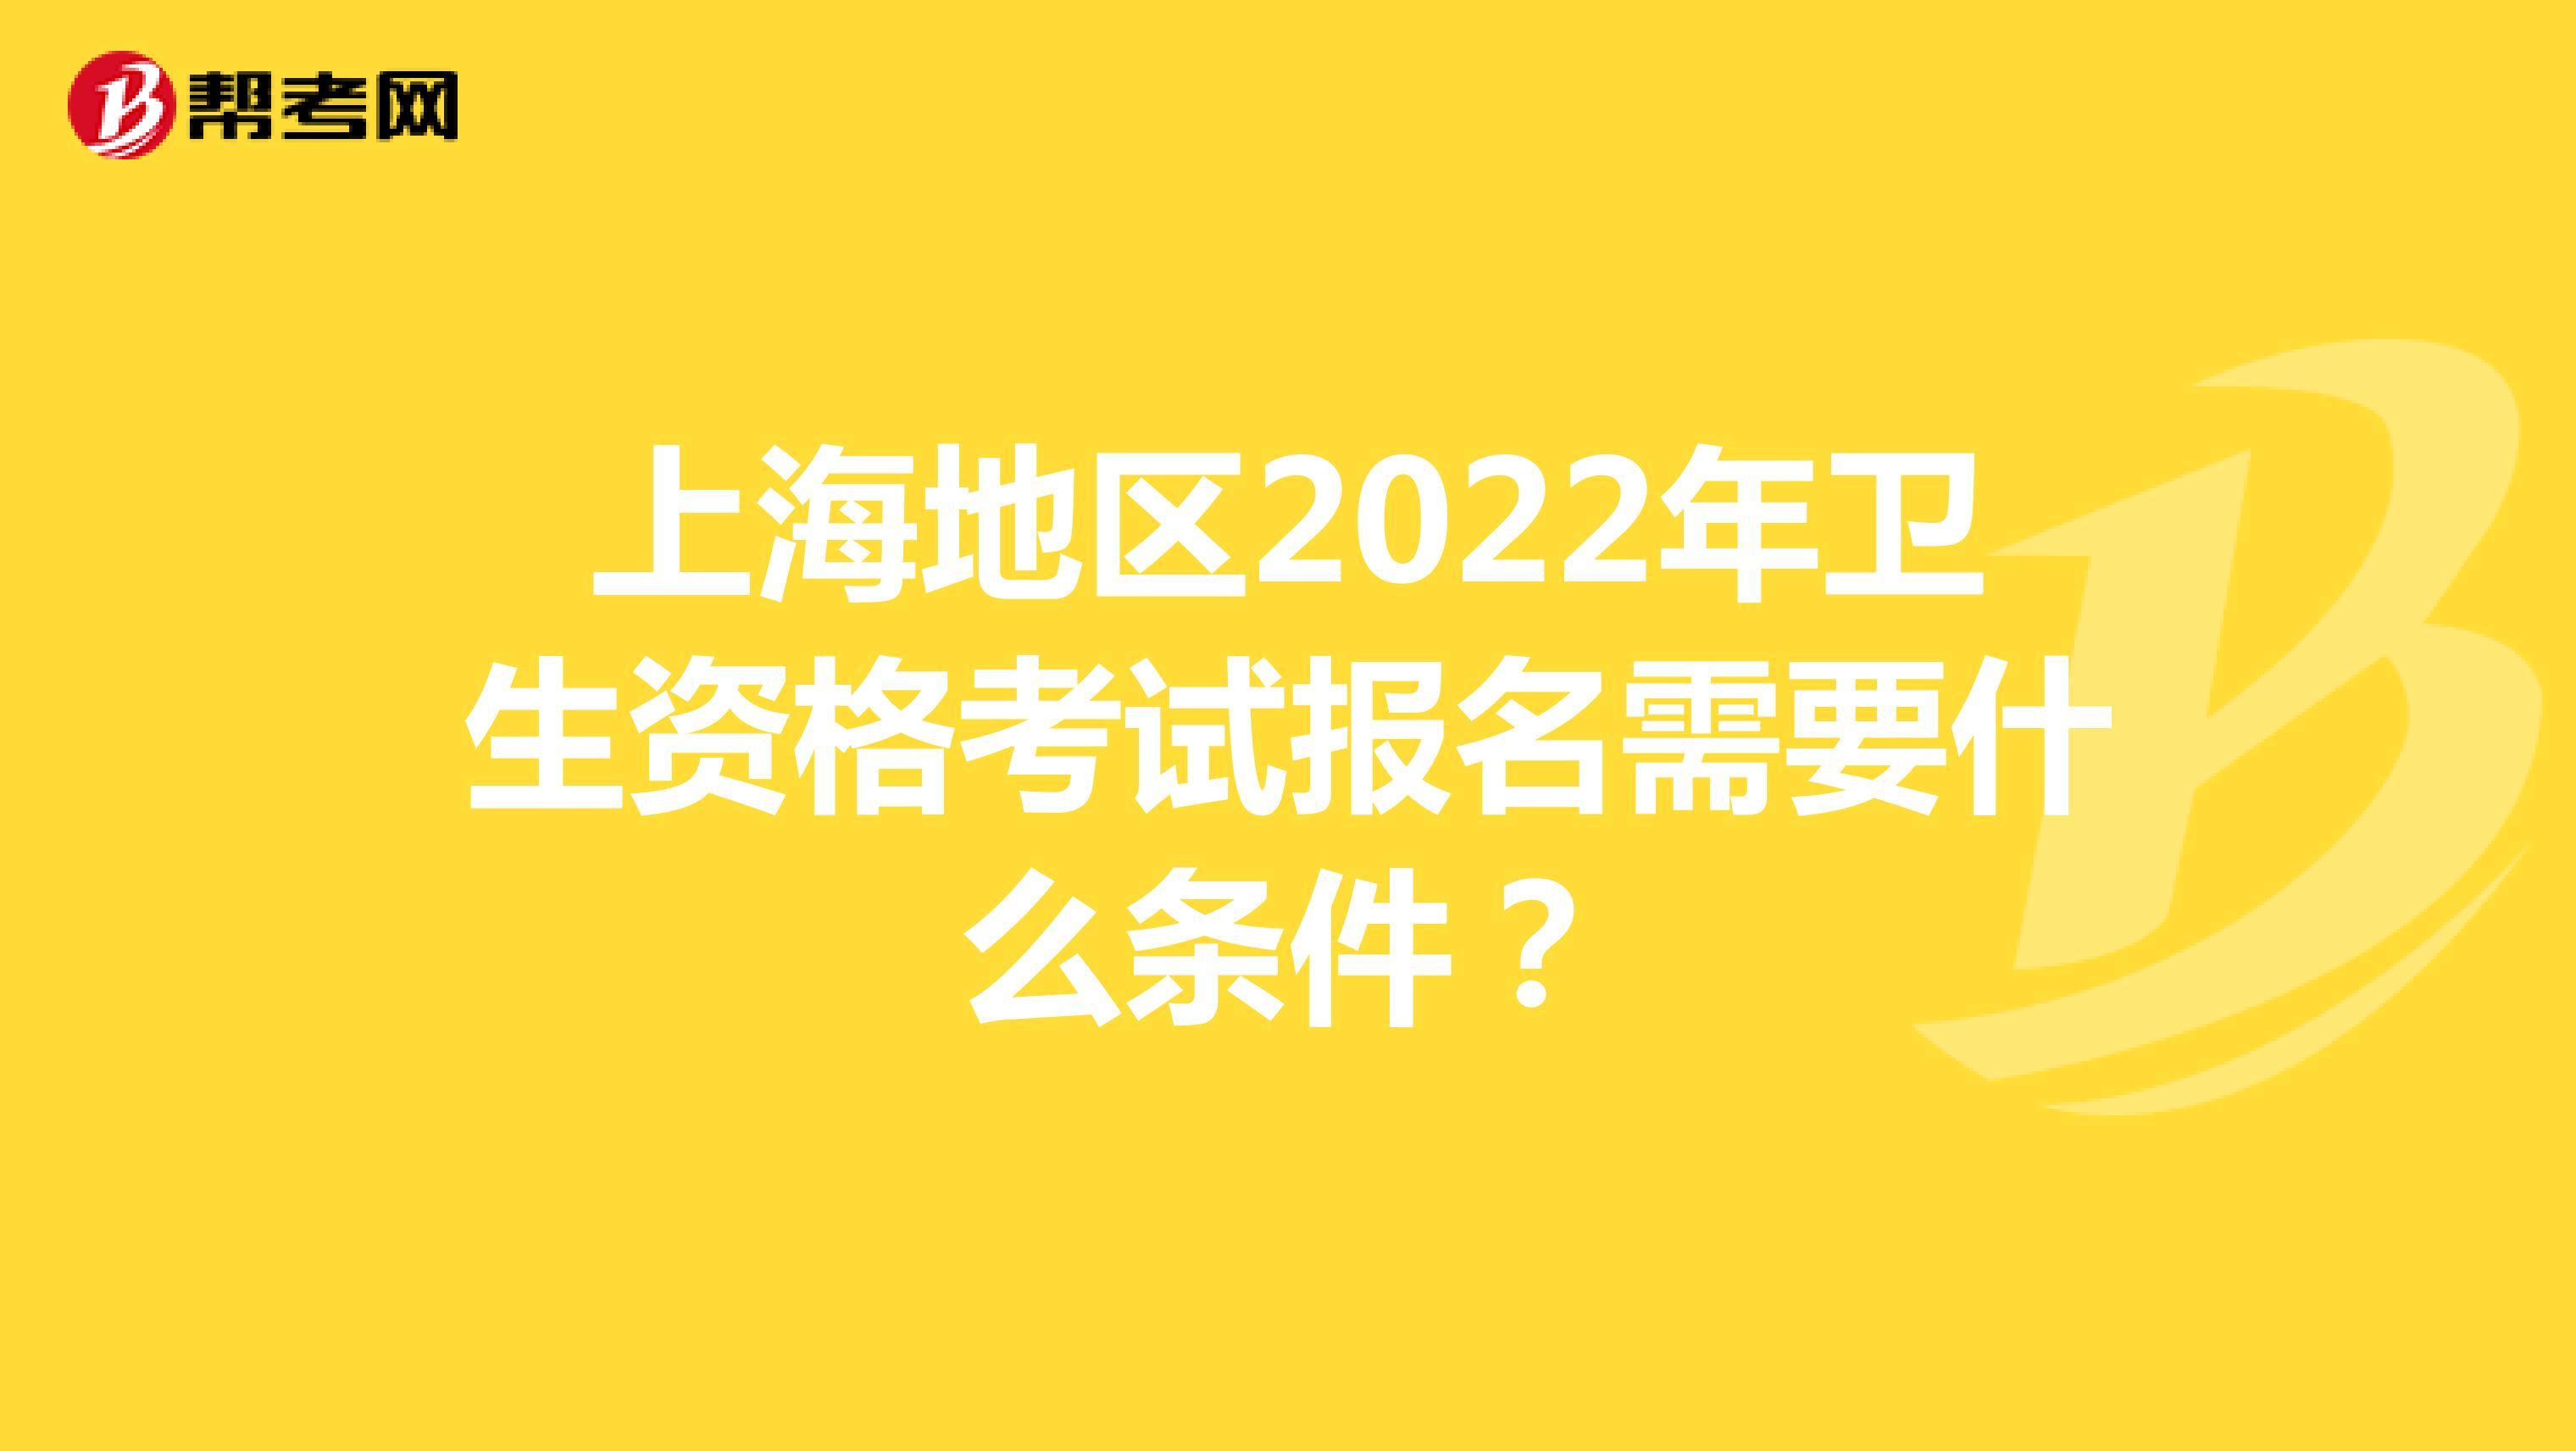 上海地区2022年卫生资格考试报名需要什么条件?